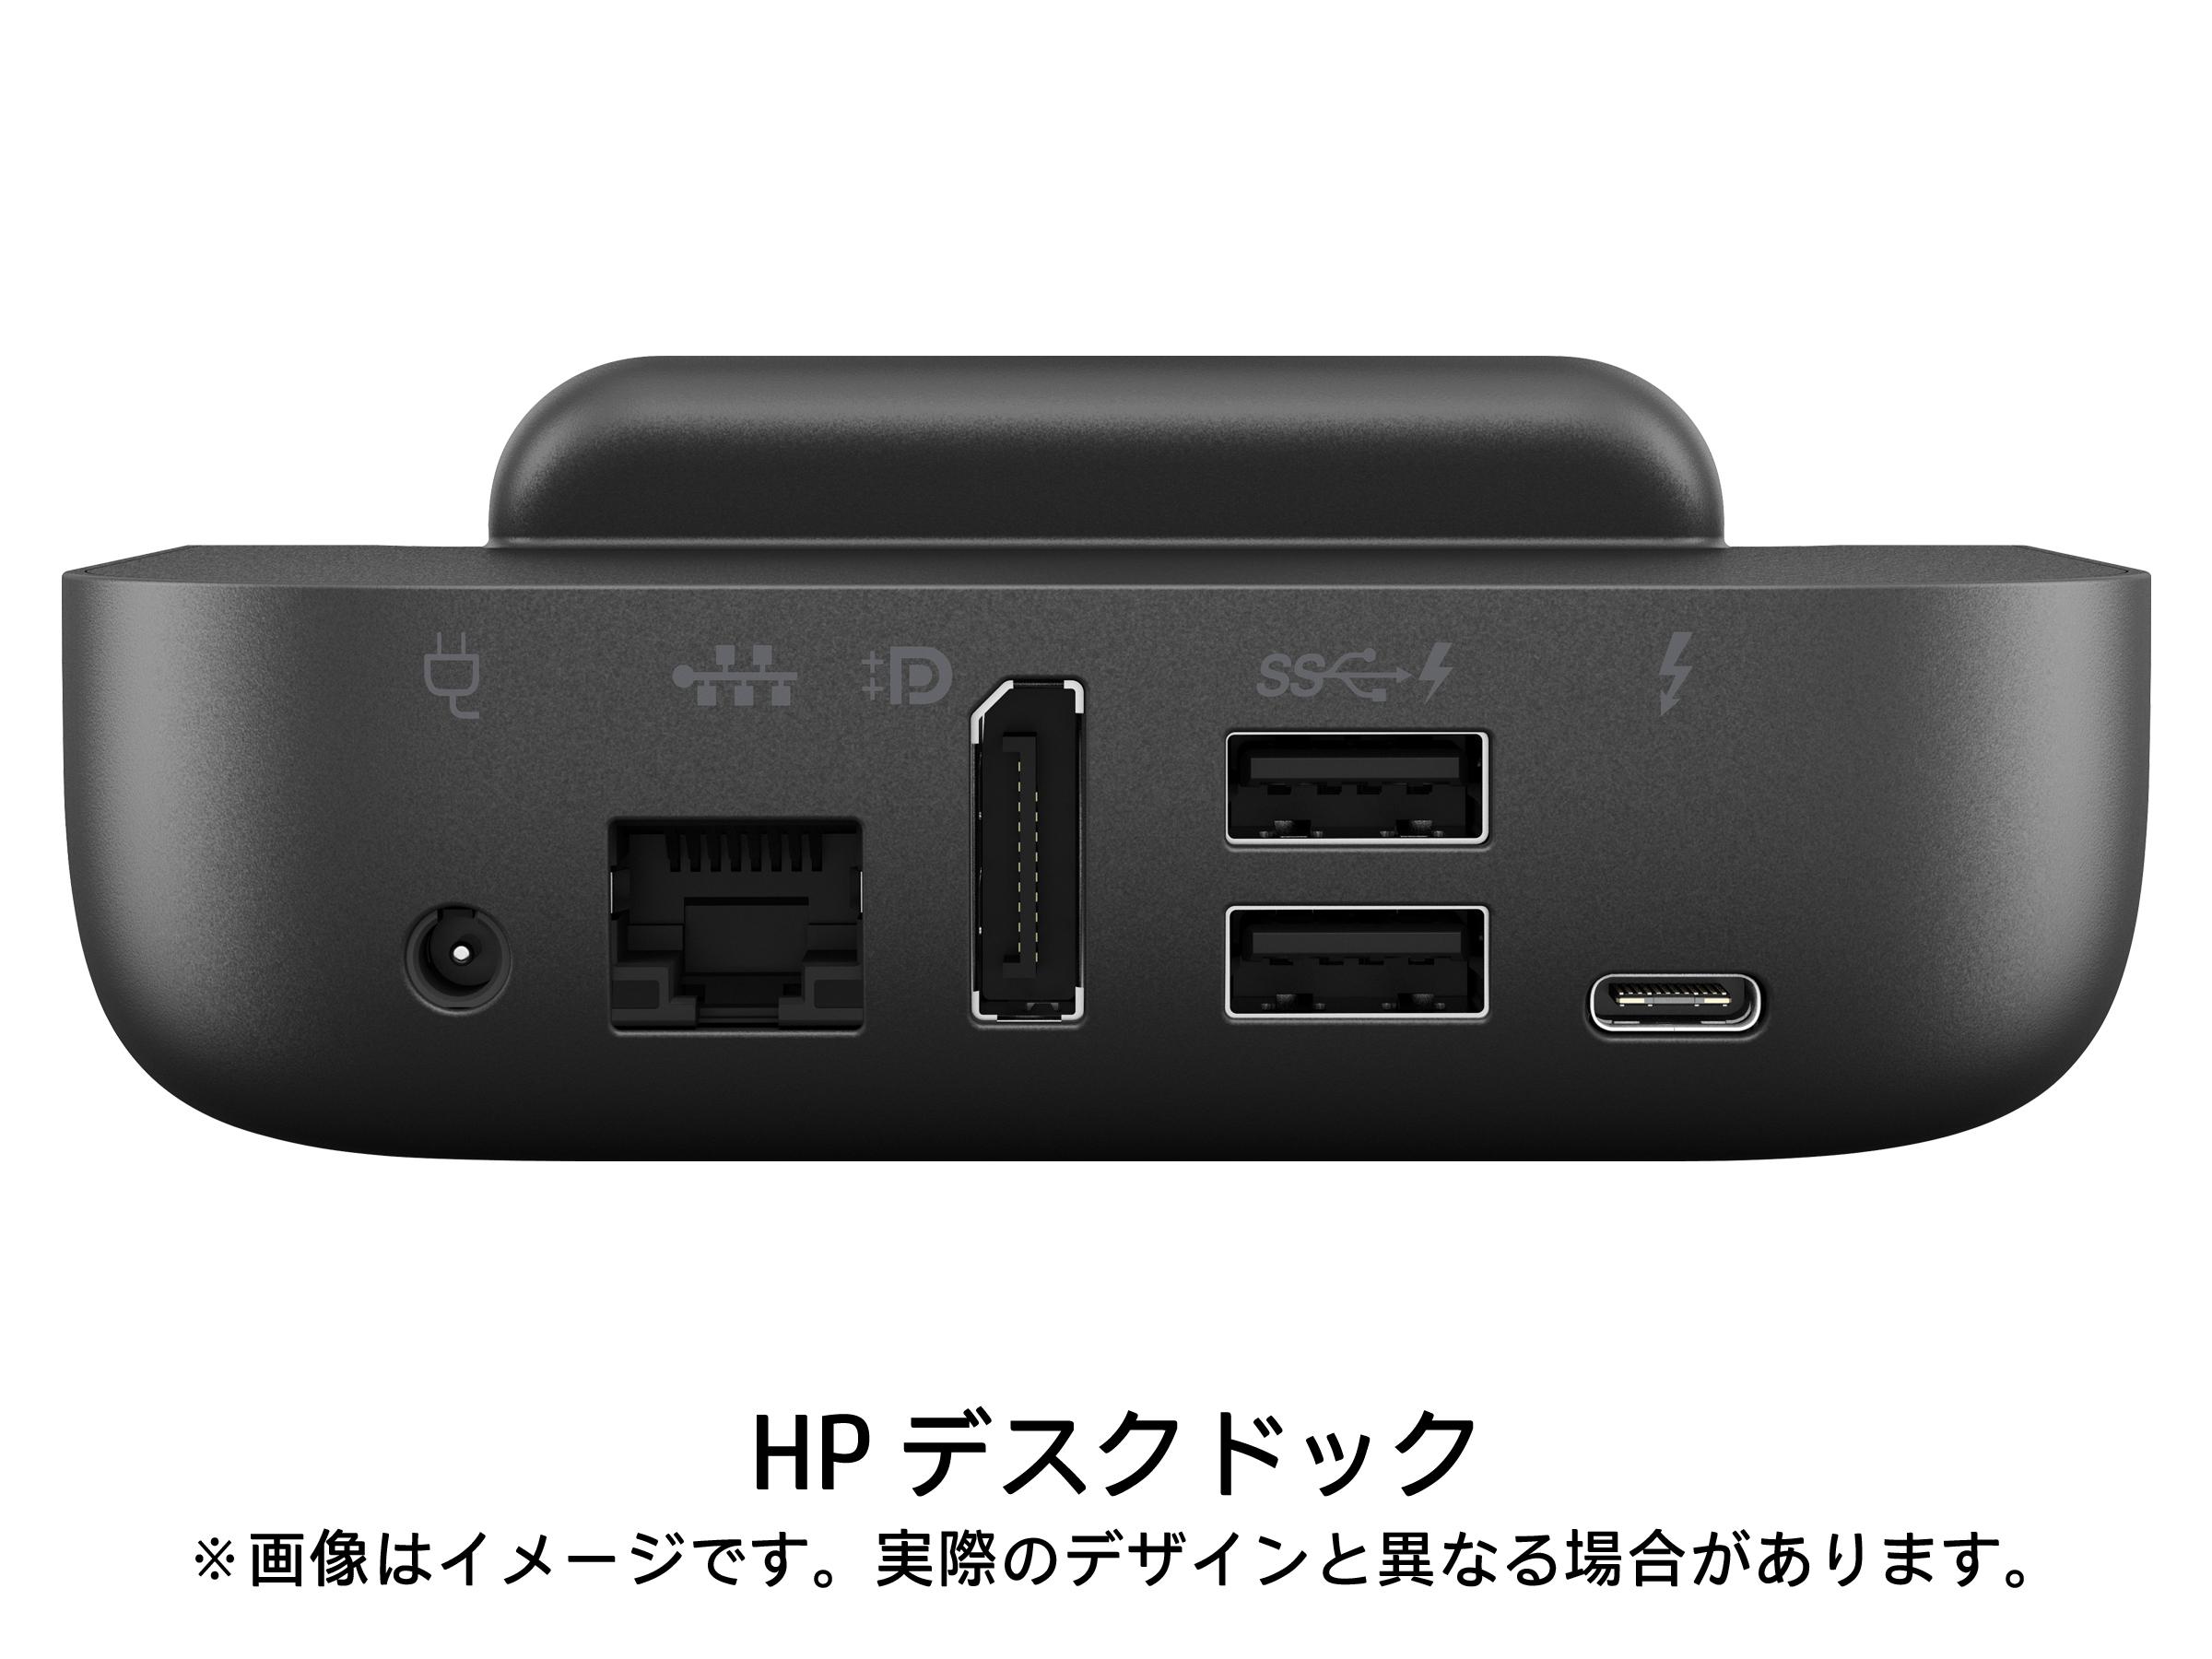 有線LAN、ディスプレイポート、USB端子だけでなく、ACアダプタ端子も用意されているので、Elite x3の充電スタンドとしても利用できる